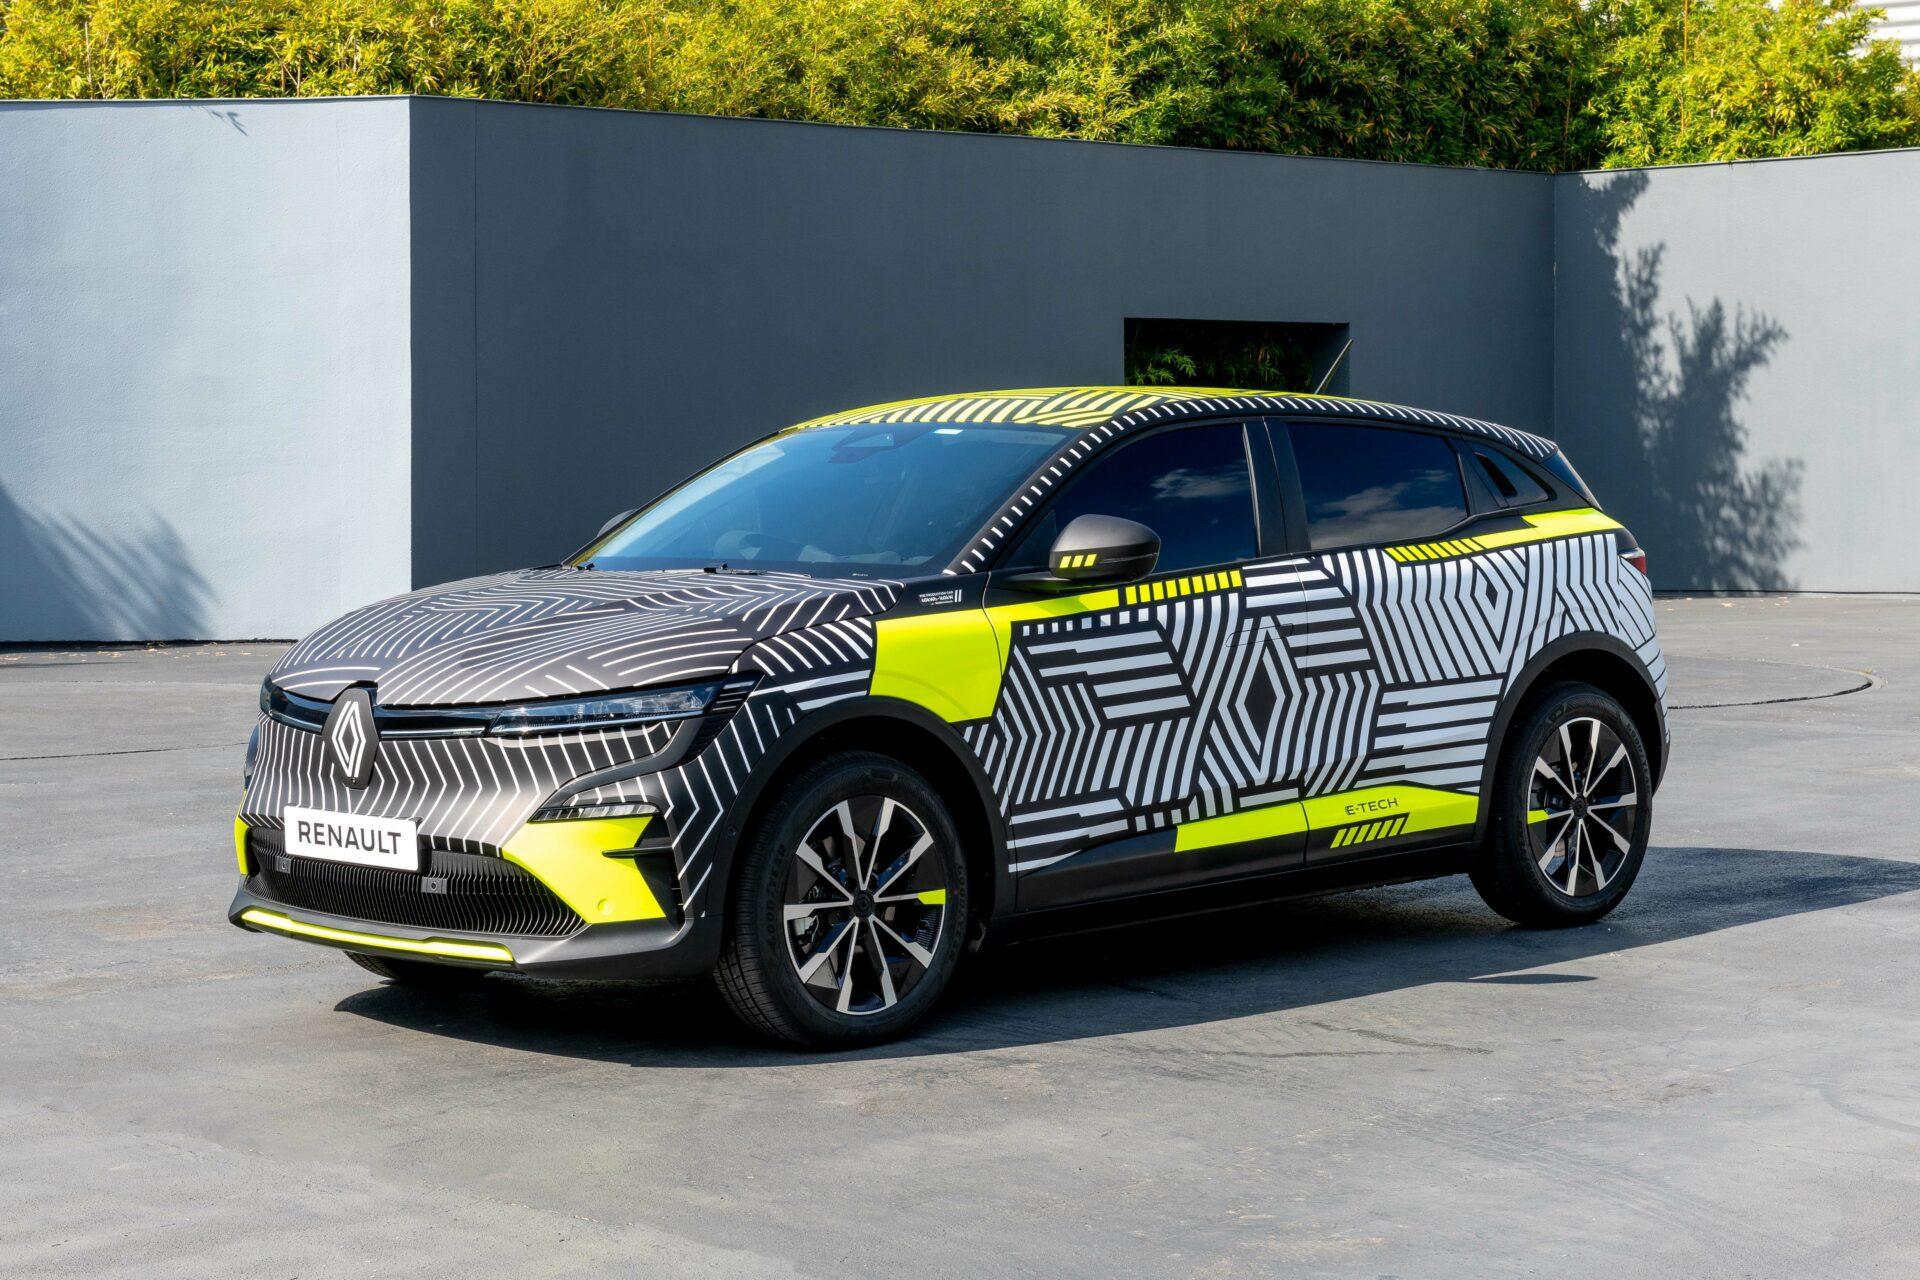 Nuevo Renault Mégane E-Tech Electric 2021: en formato SUV, con 217 CV y 450 km de autonomía